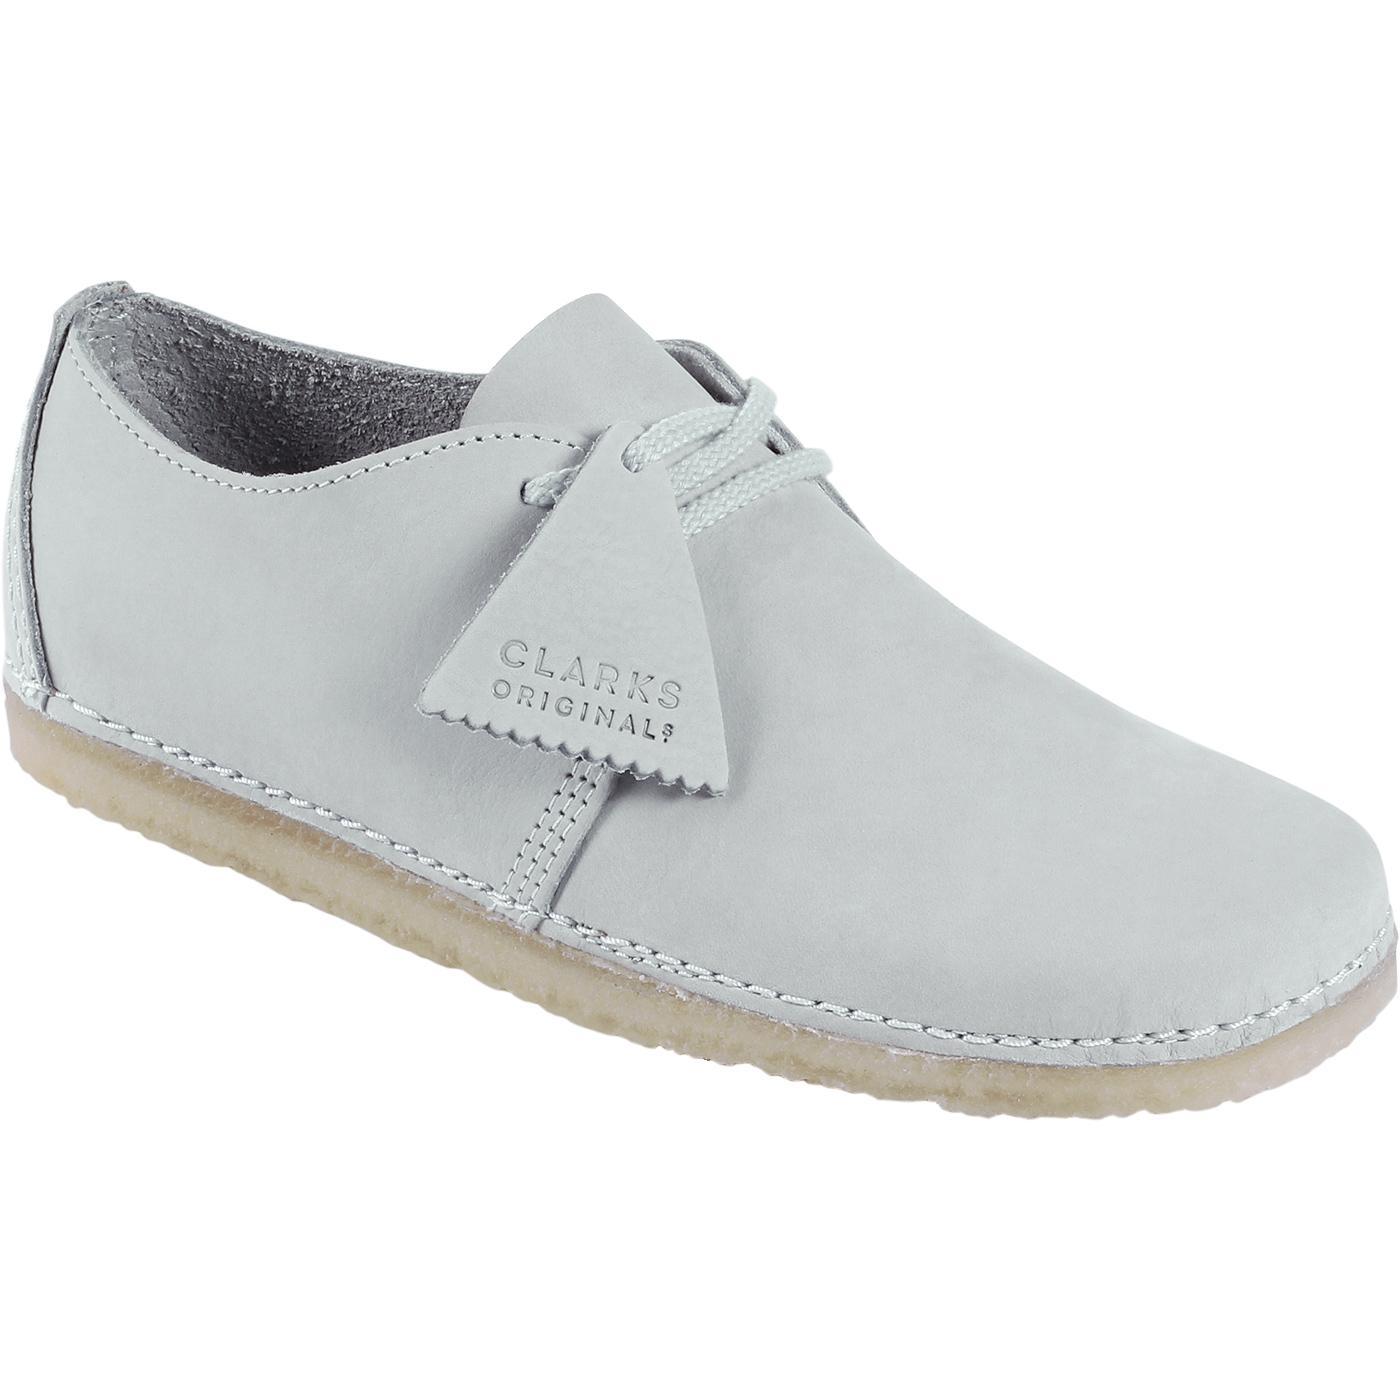 Ashton CLARKS ORIGINALS Women's Nubuck Shoes (LB)